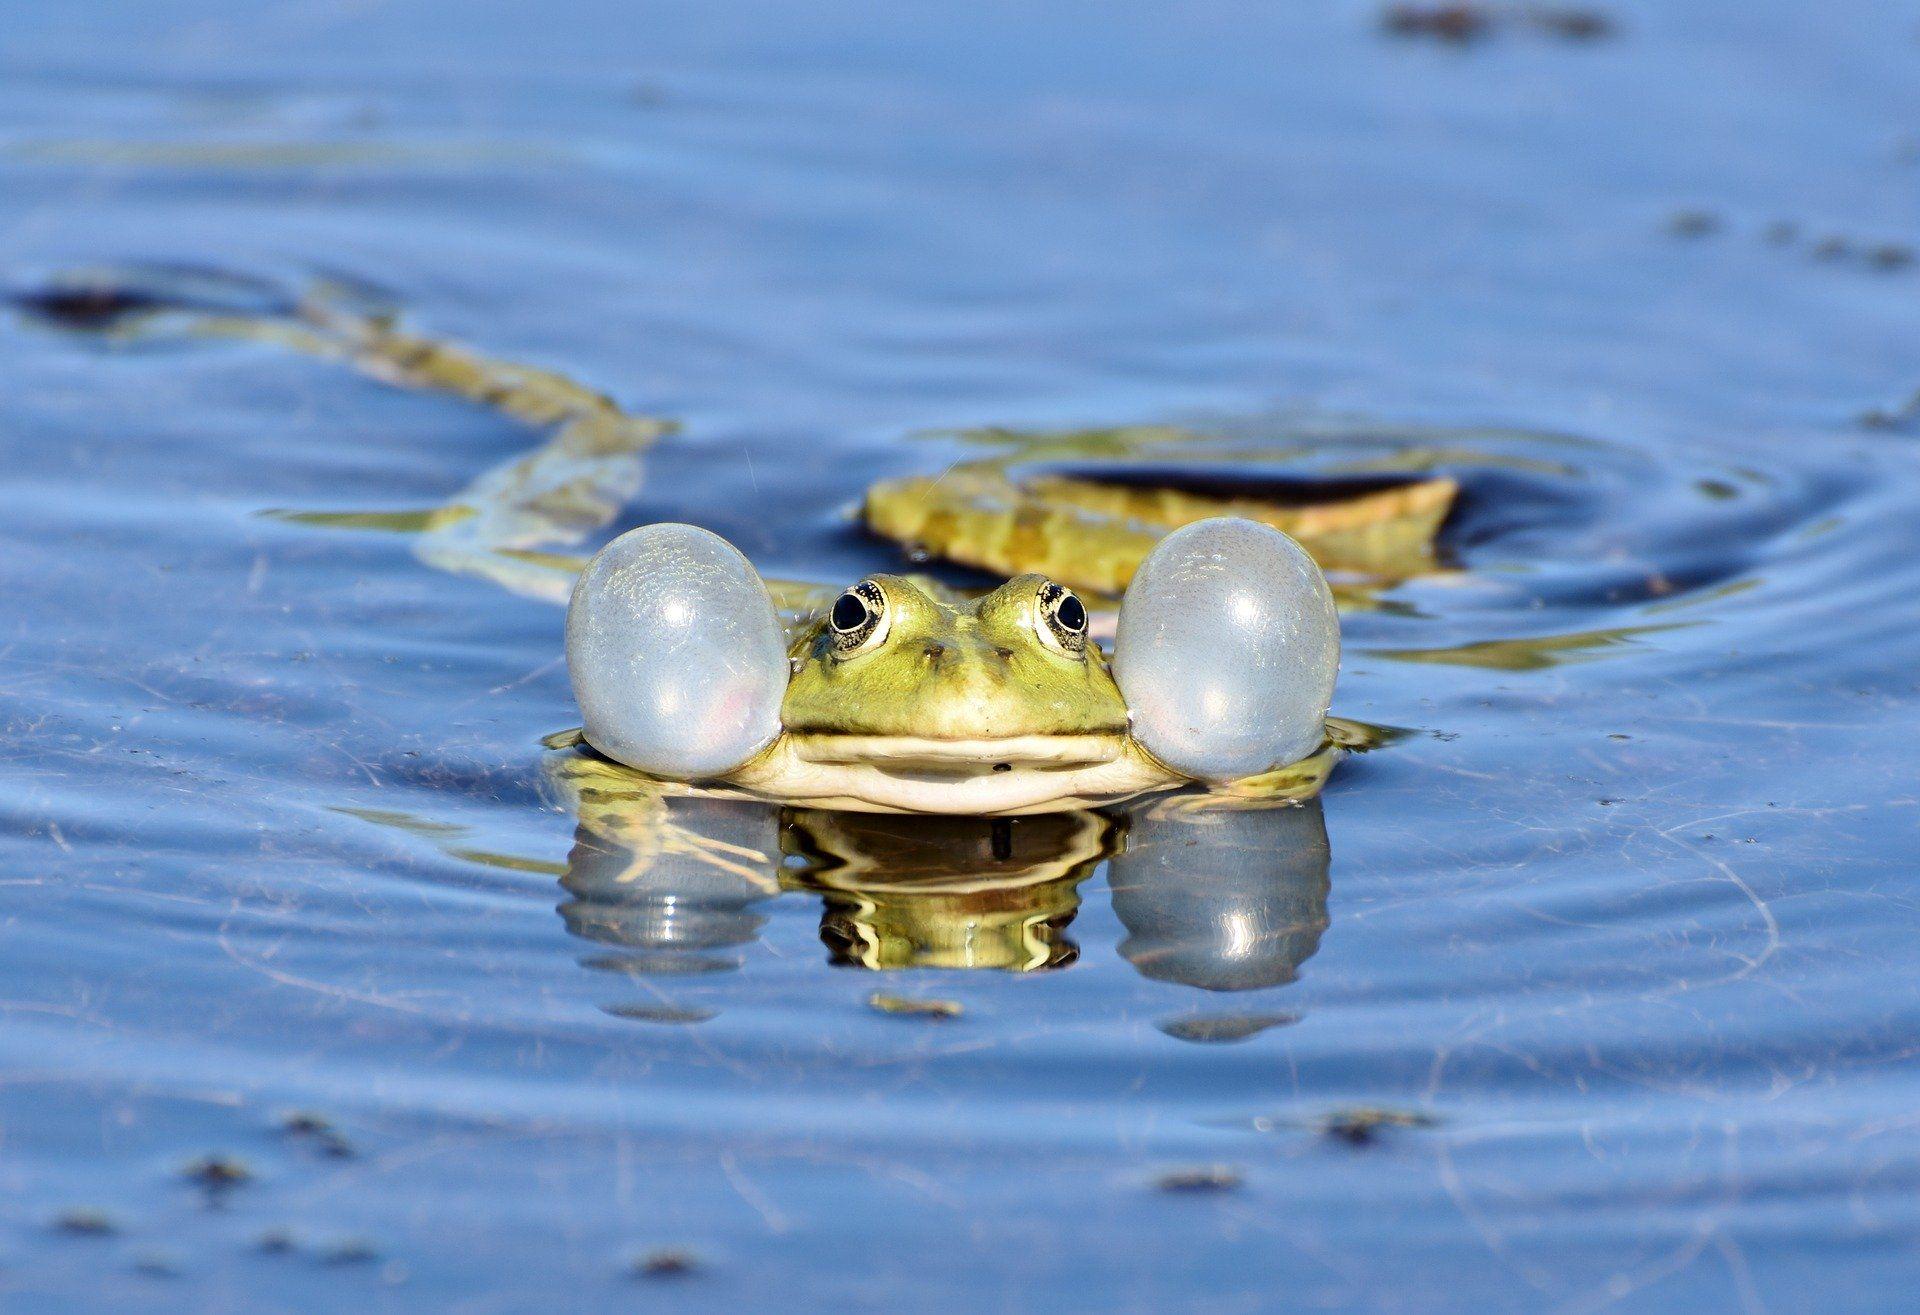 Смотреть бесплатно картинку жабы